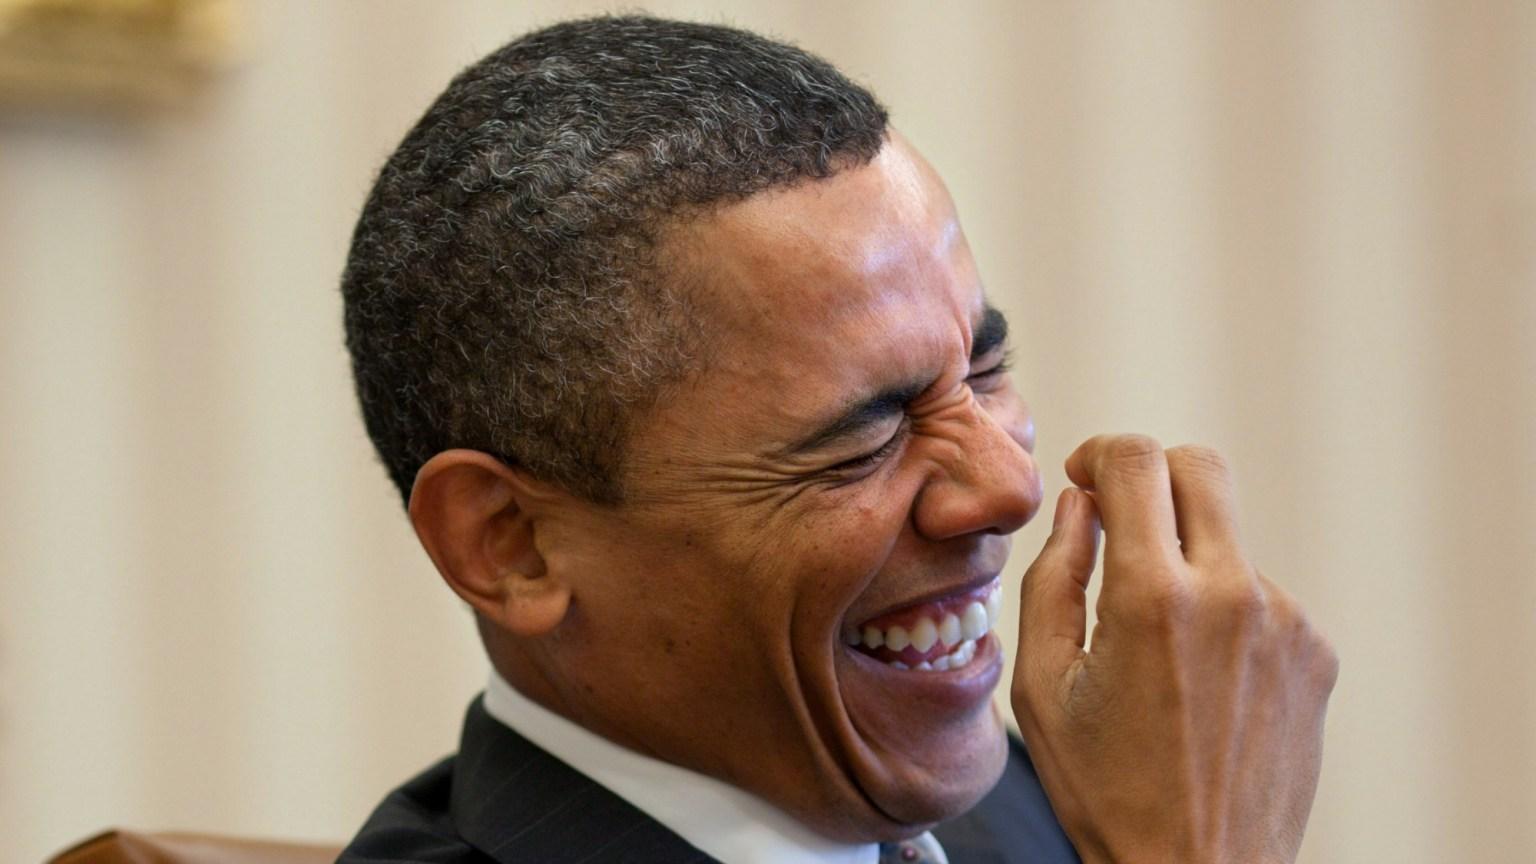 obama-laughing.jpg?resize=1536,864